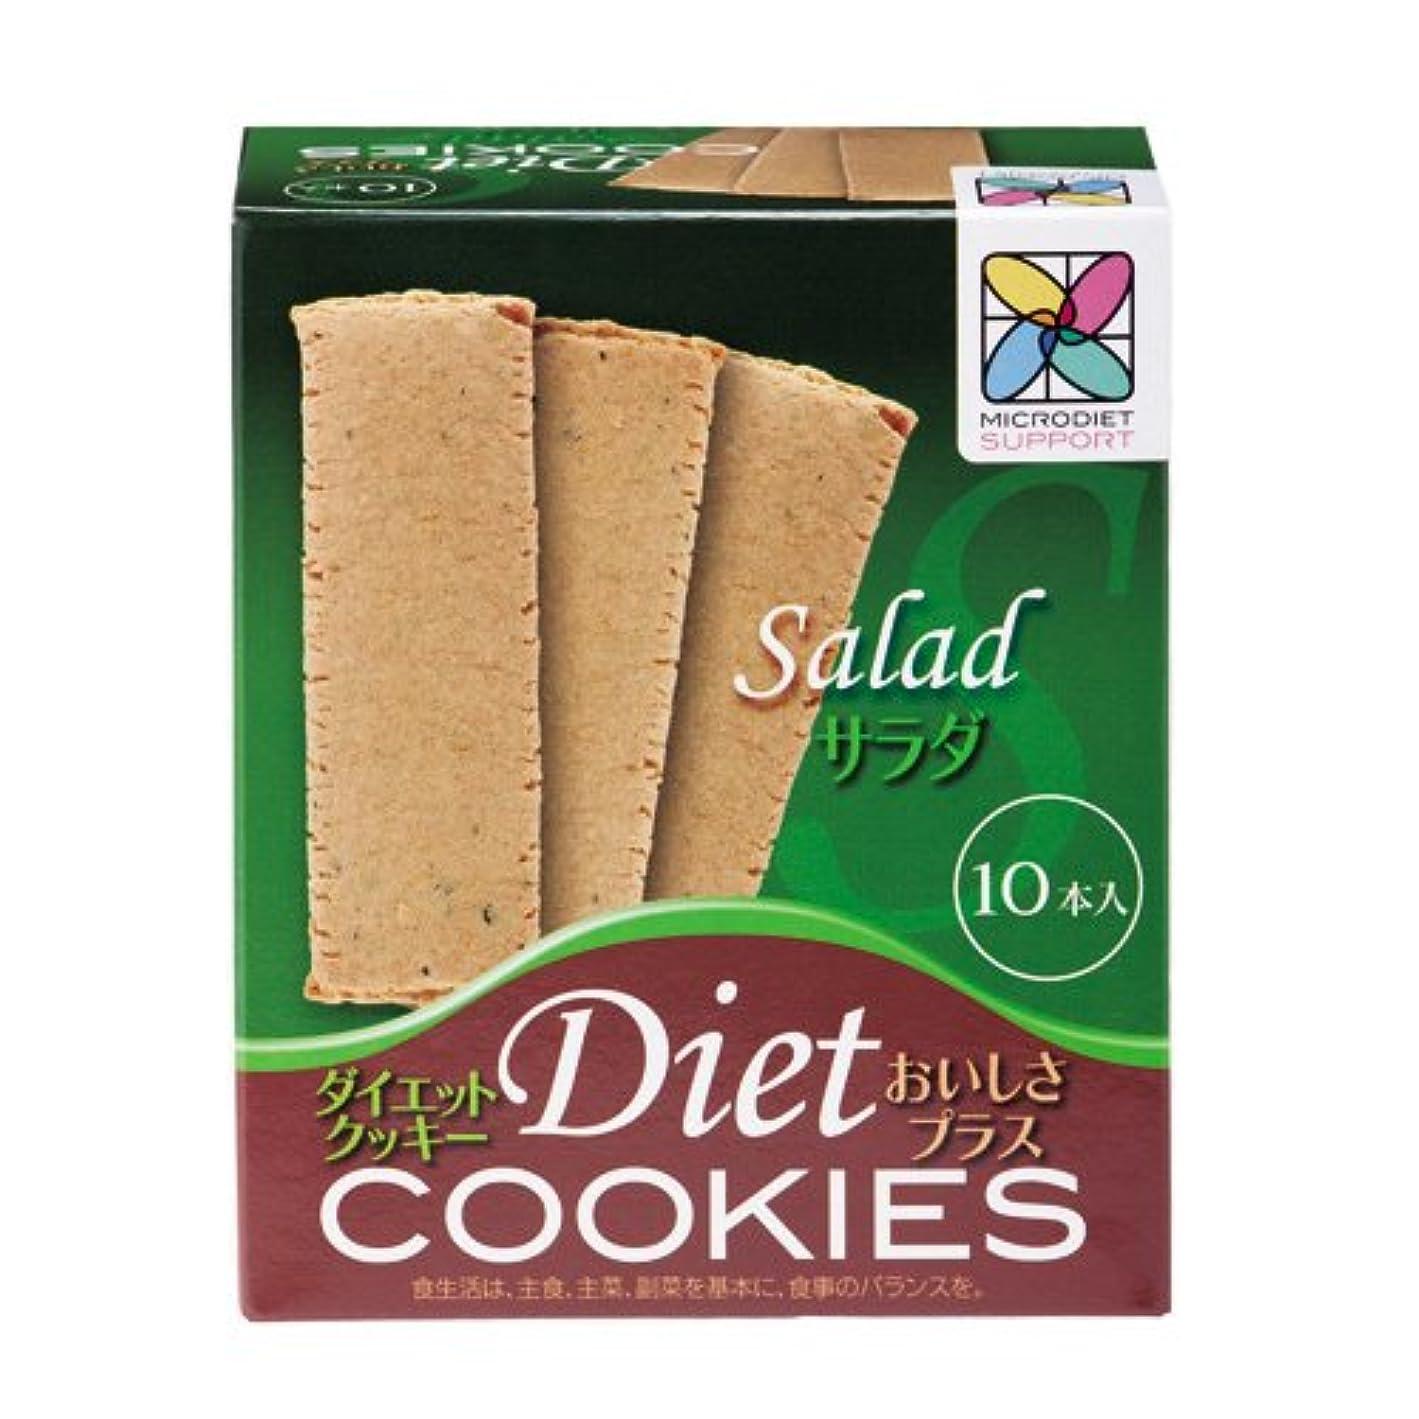 偶然アナログ根拠ダイエットクッキーおいしさプラス(サラダ:1箱)(03755)